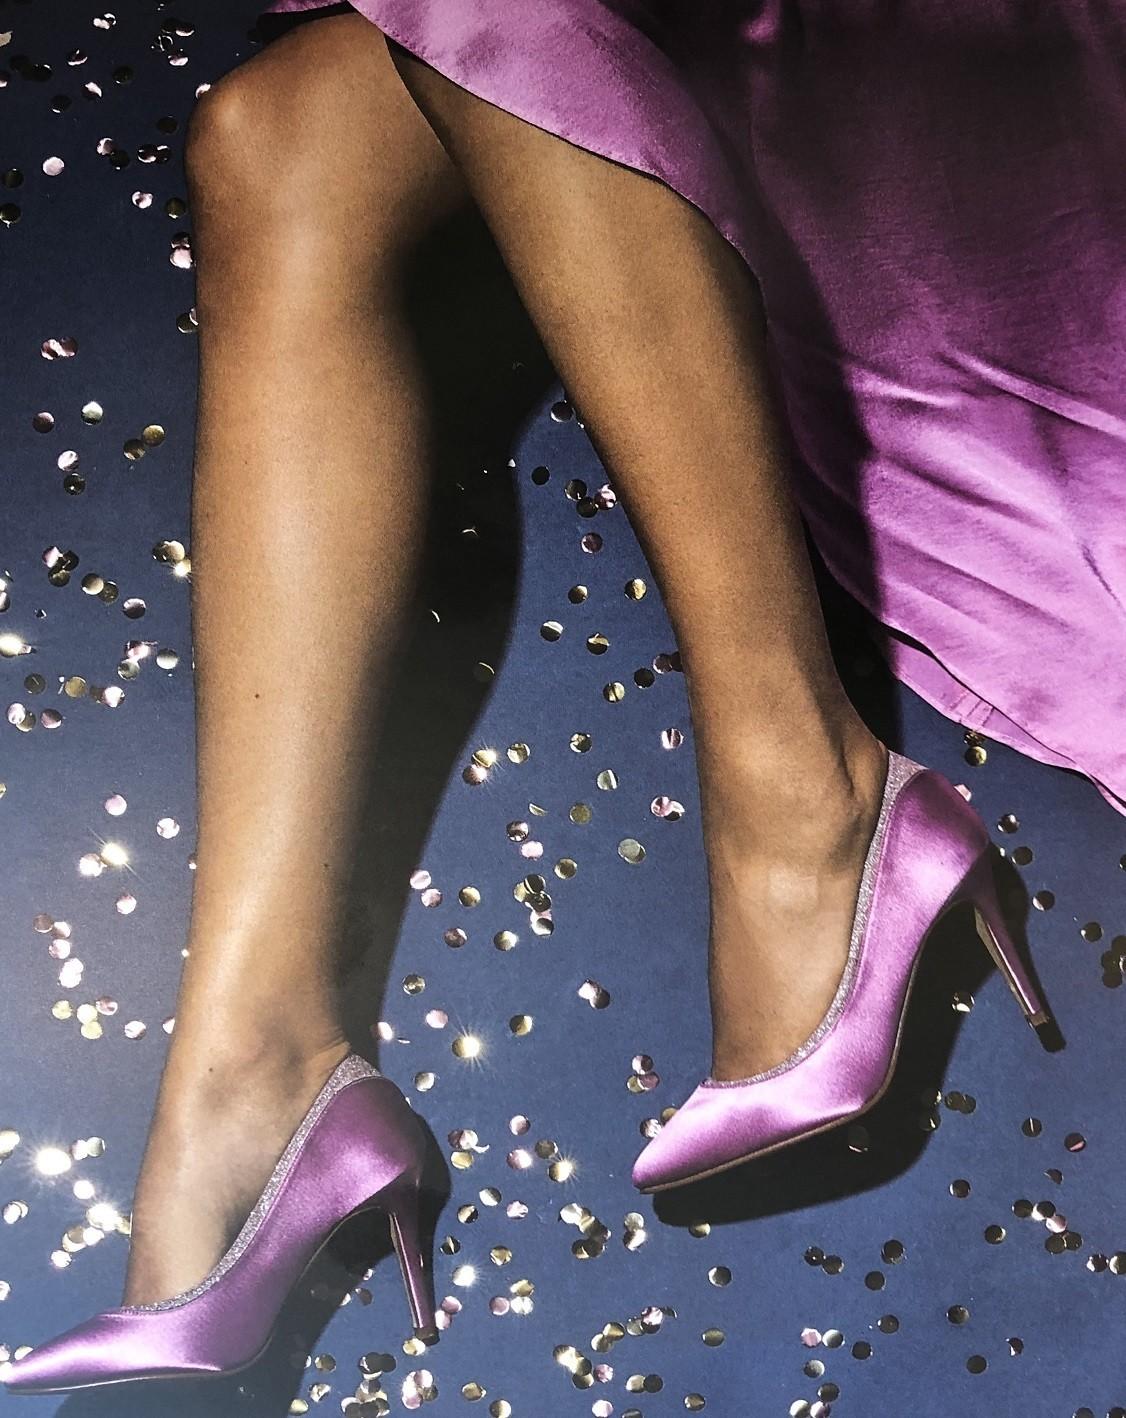 Schoenen én tasje in kleur jurkset.